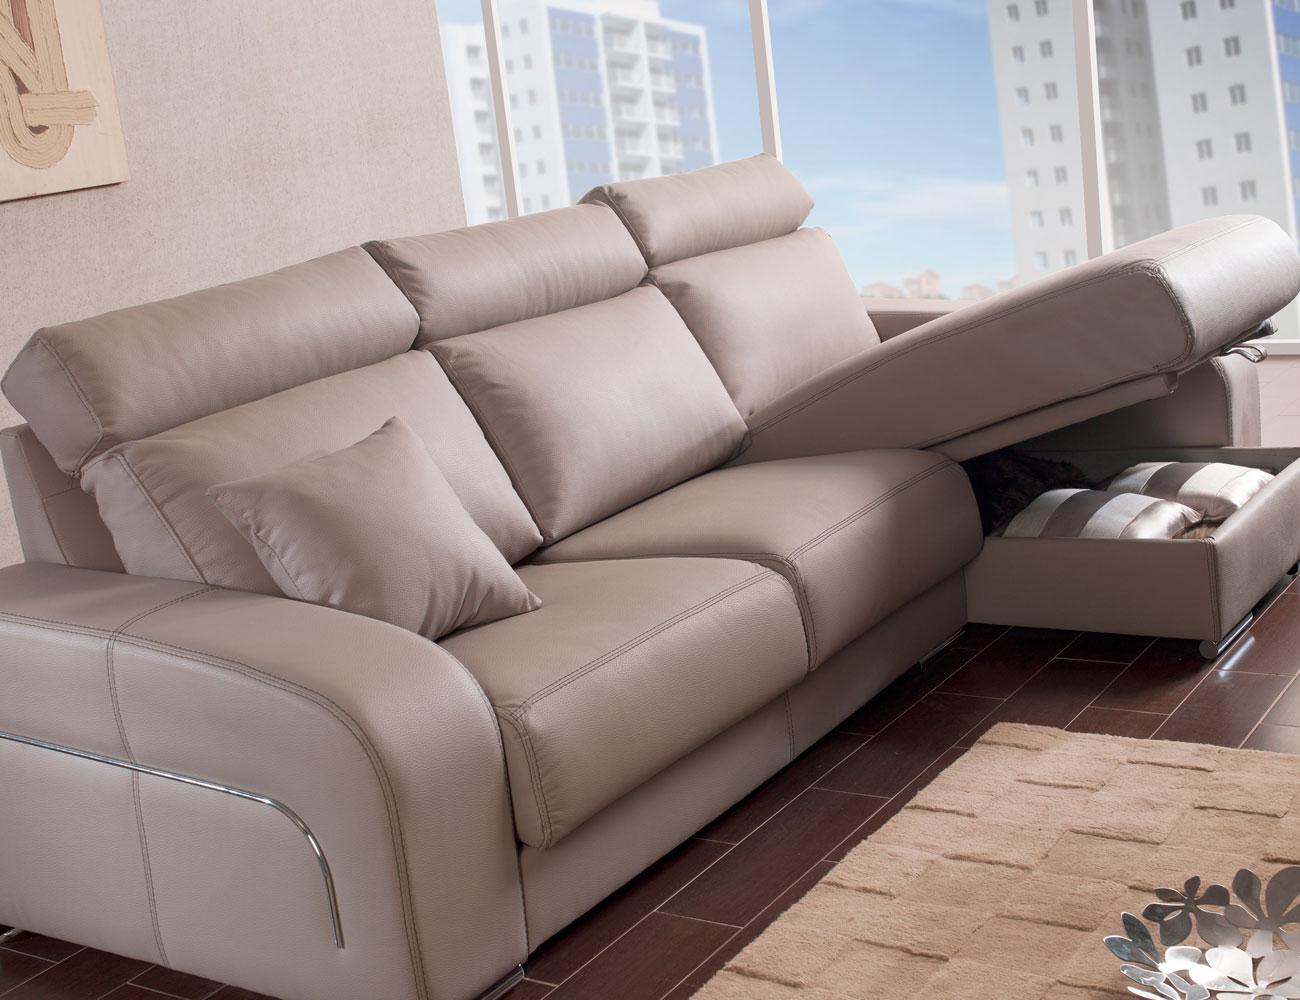 Sofa chaiselongue moderno pared cero arcon56